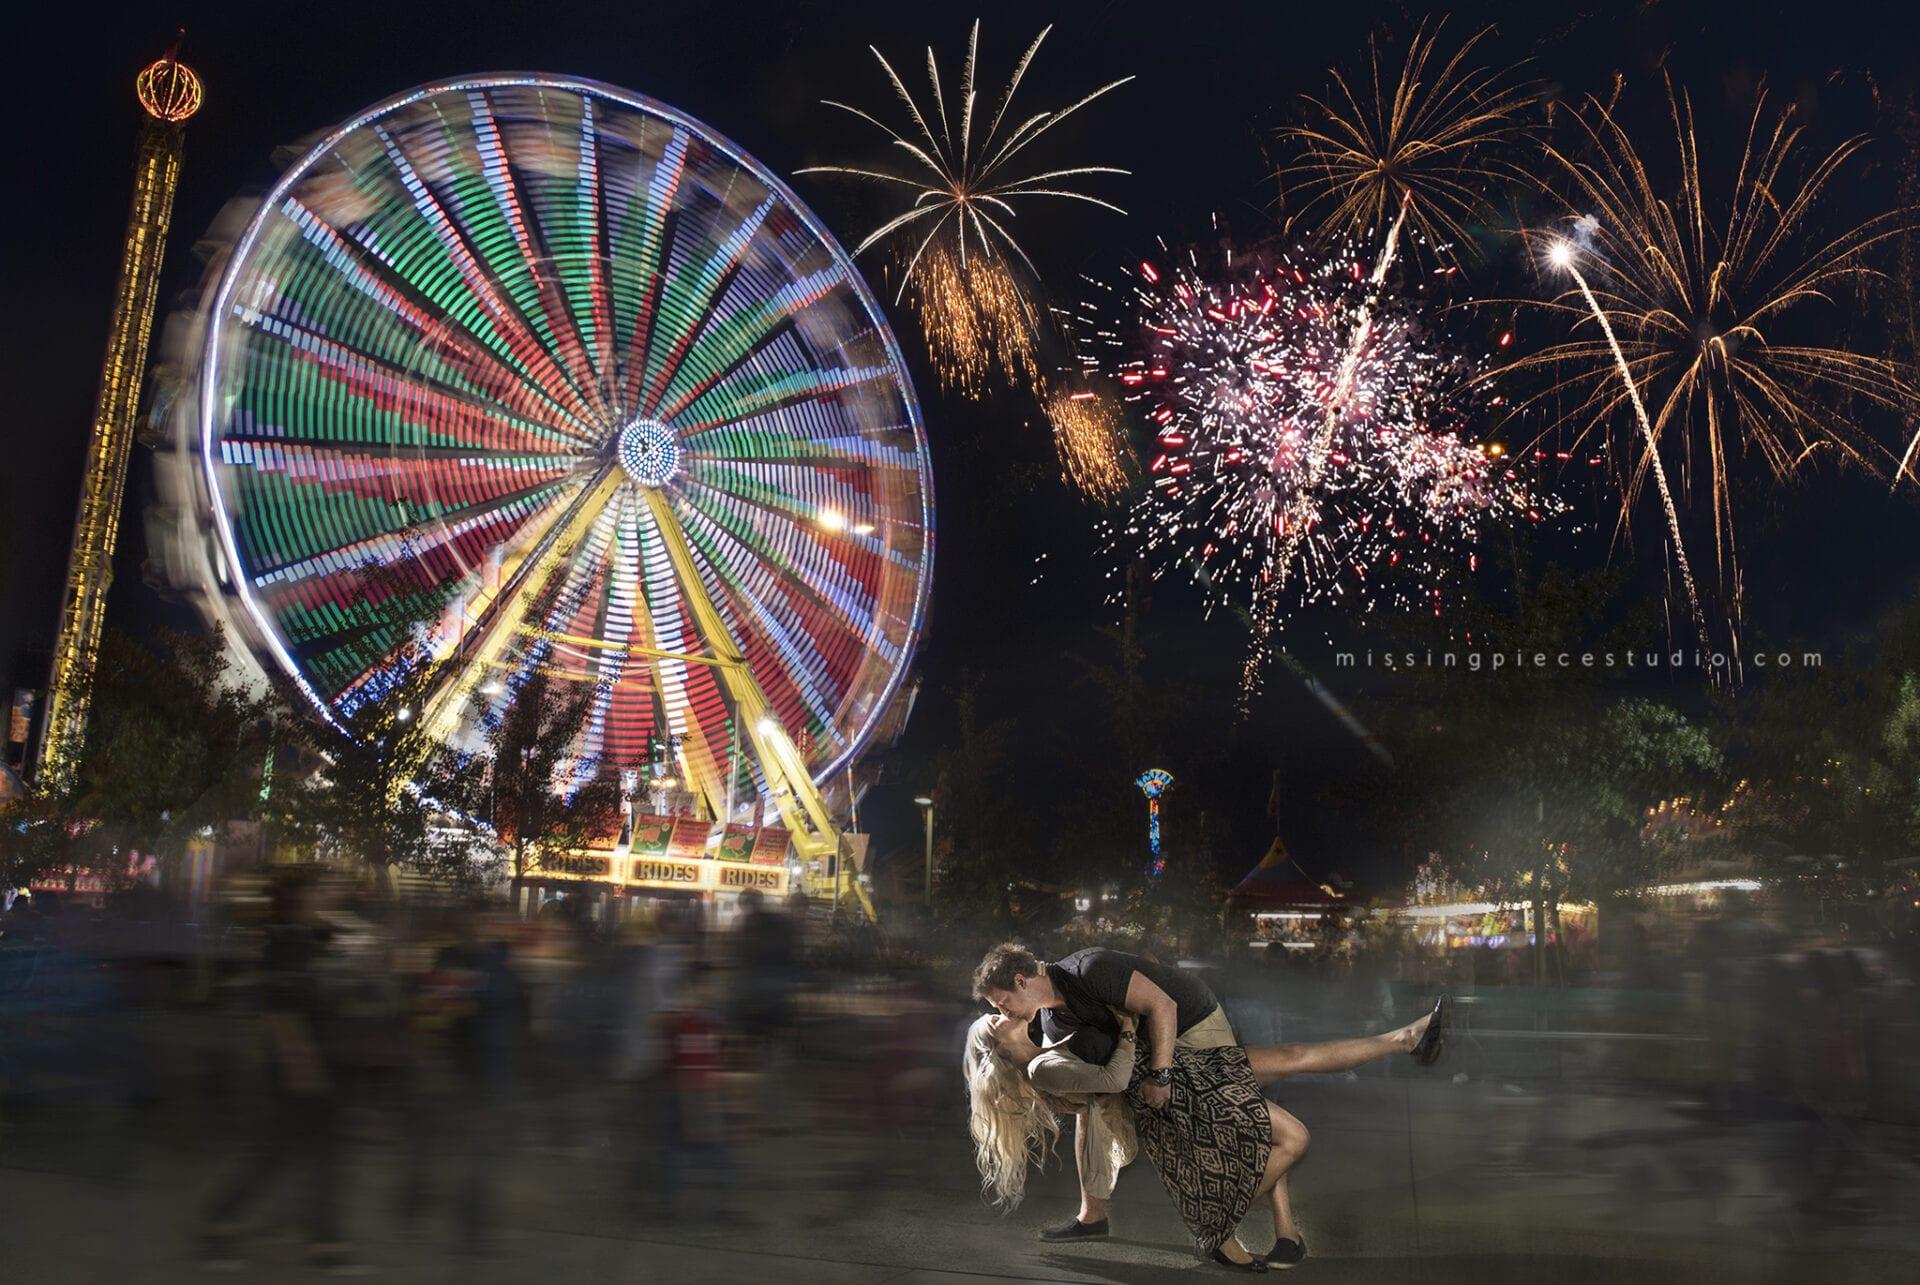 Fireworks displayed on 2015 KDays festival captured on camera during Kdays festival in Edmonton